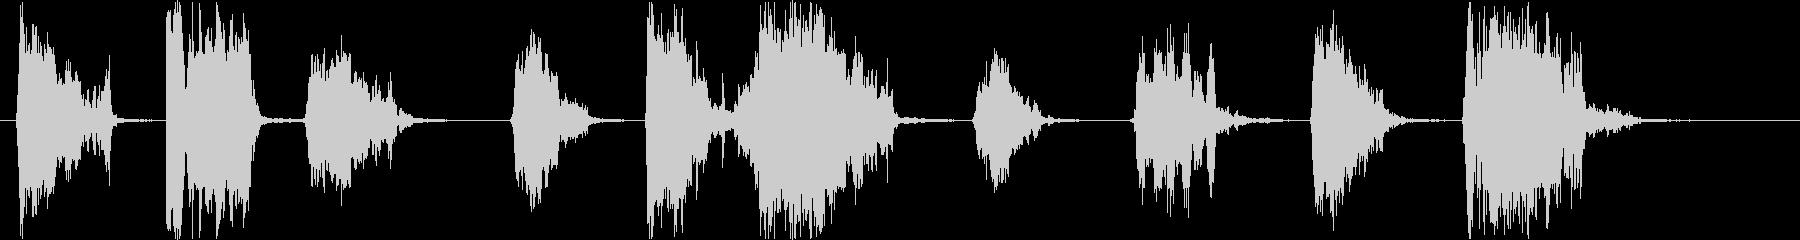 スカイ、ヘビーランブル、ミディアム...の未再生の波形